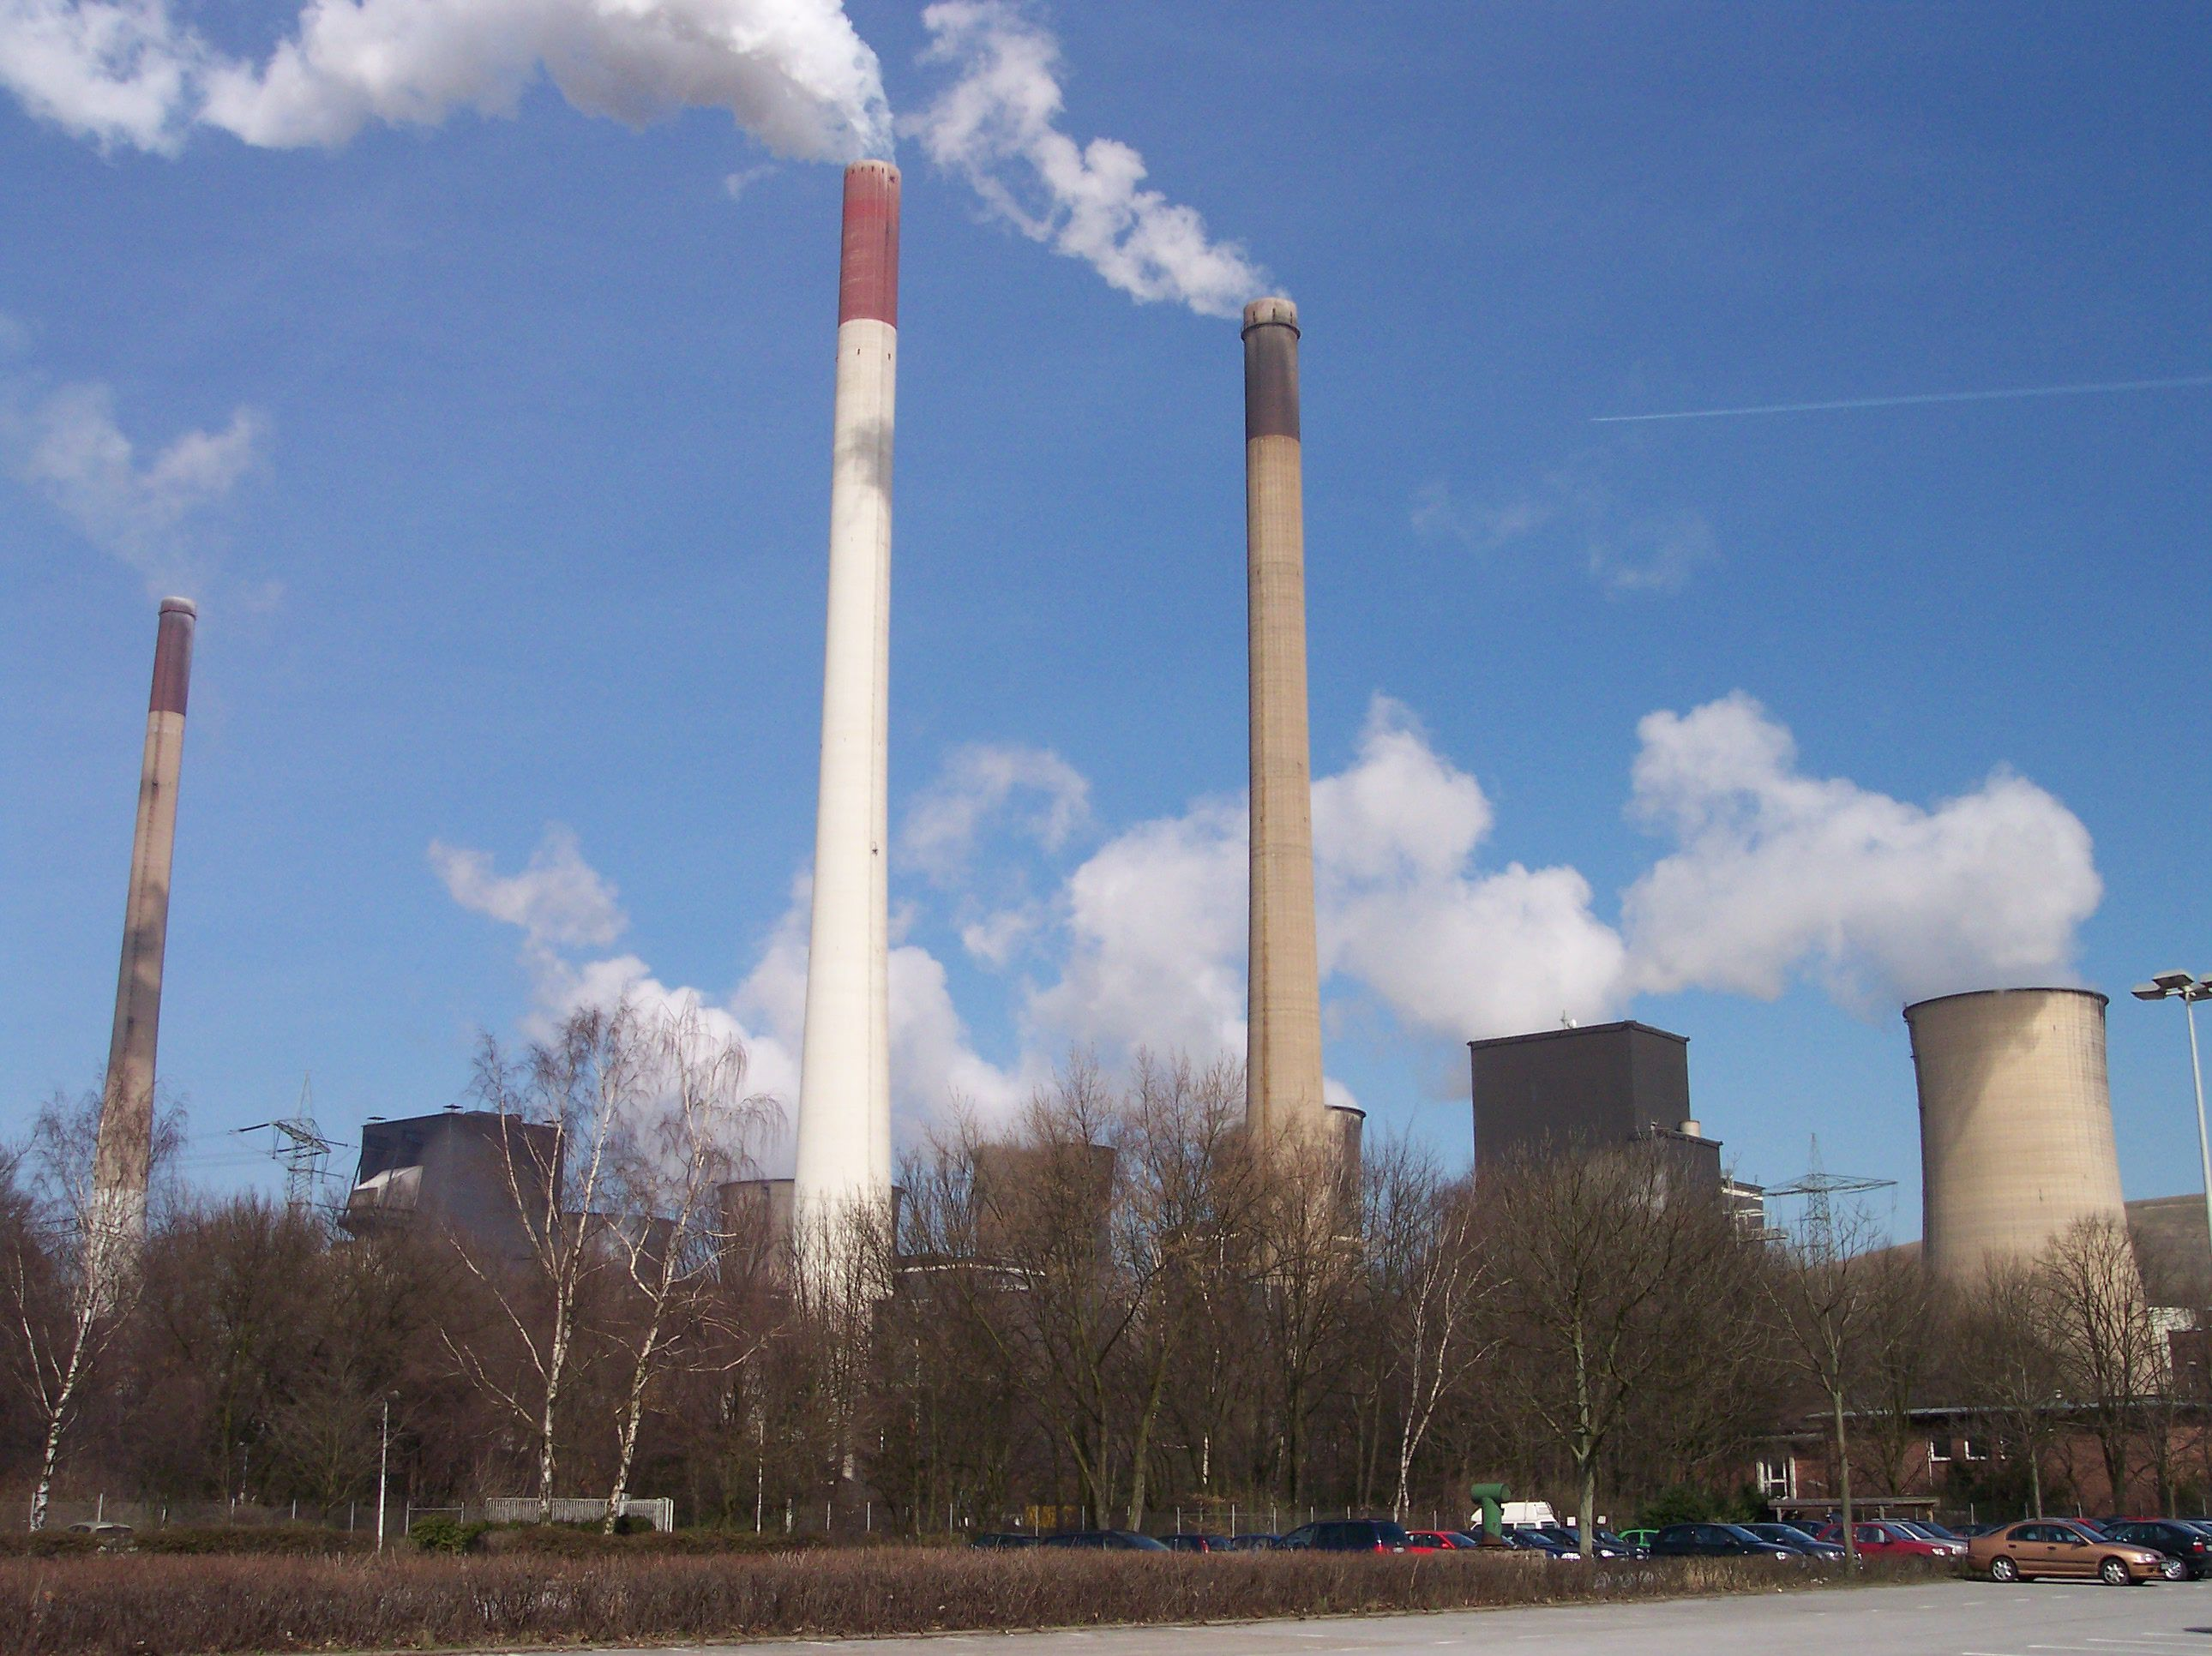 Eu forlanger stod till kolkraft